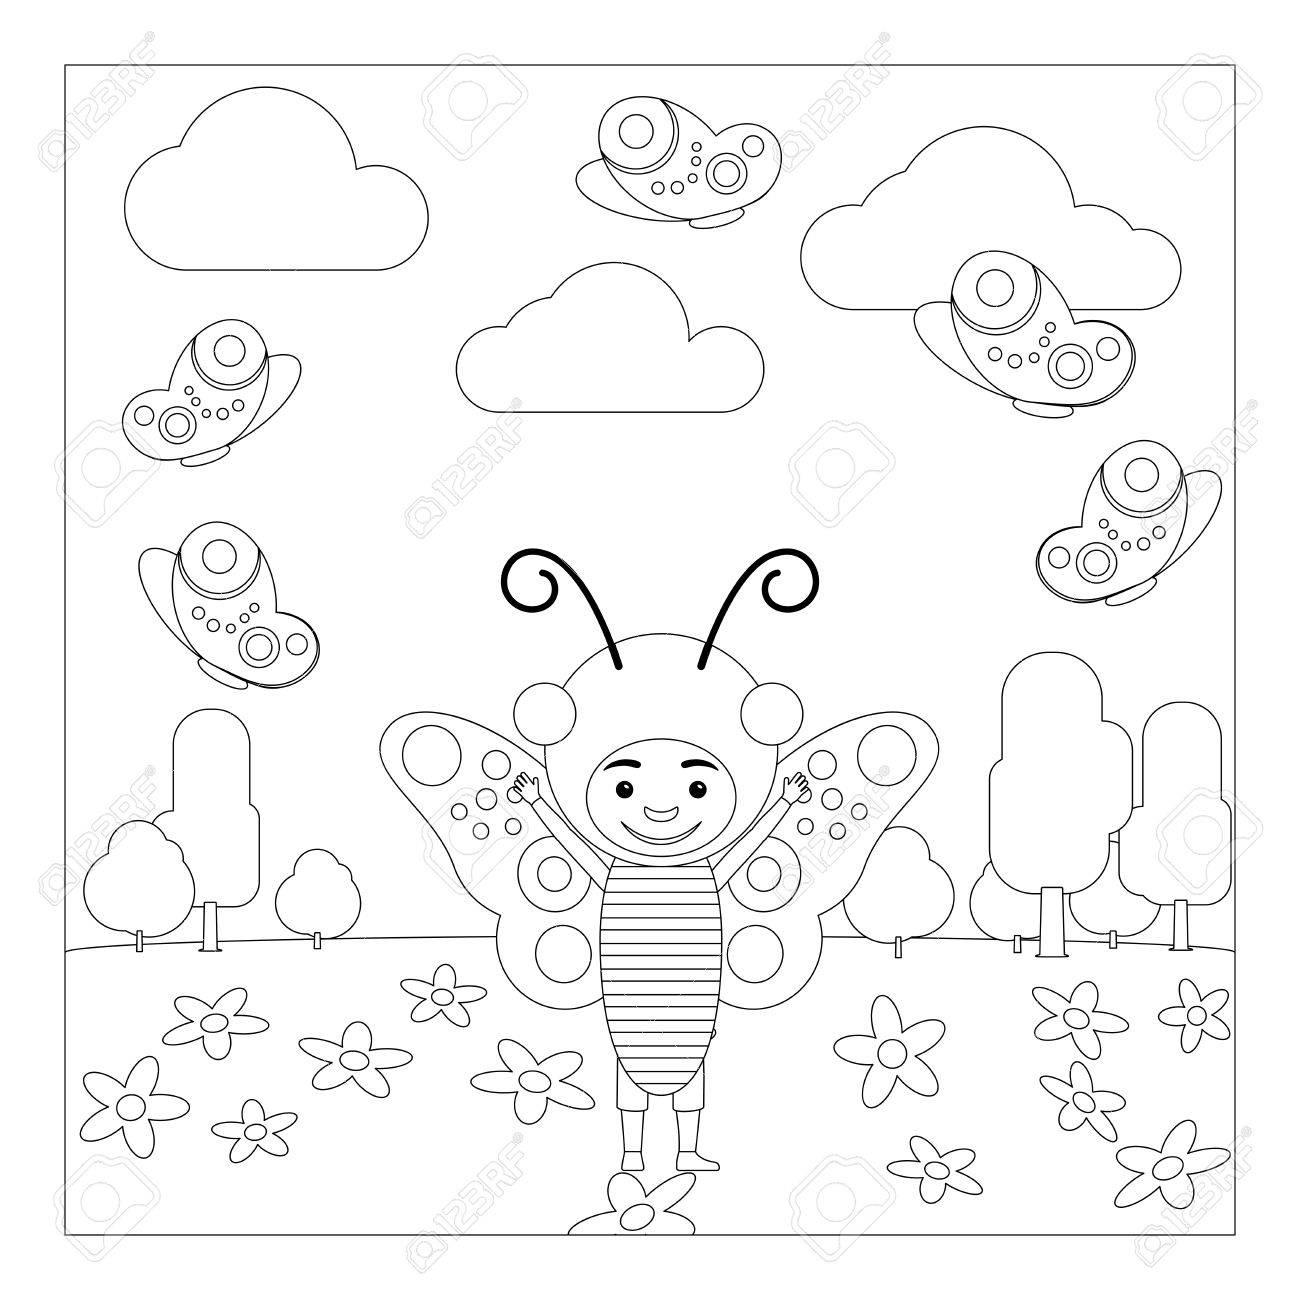 Kid En Robe Dinsecte De Fantaisie à La Maternelle Coloriage Pour Les Enfants Vector Illustration